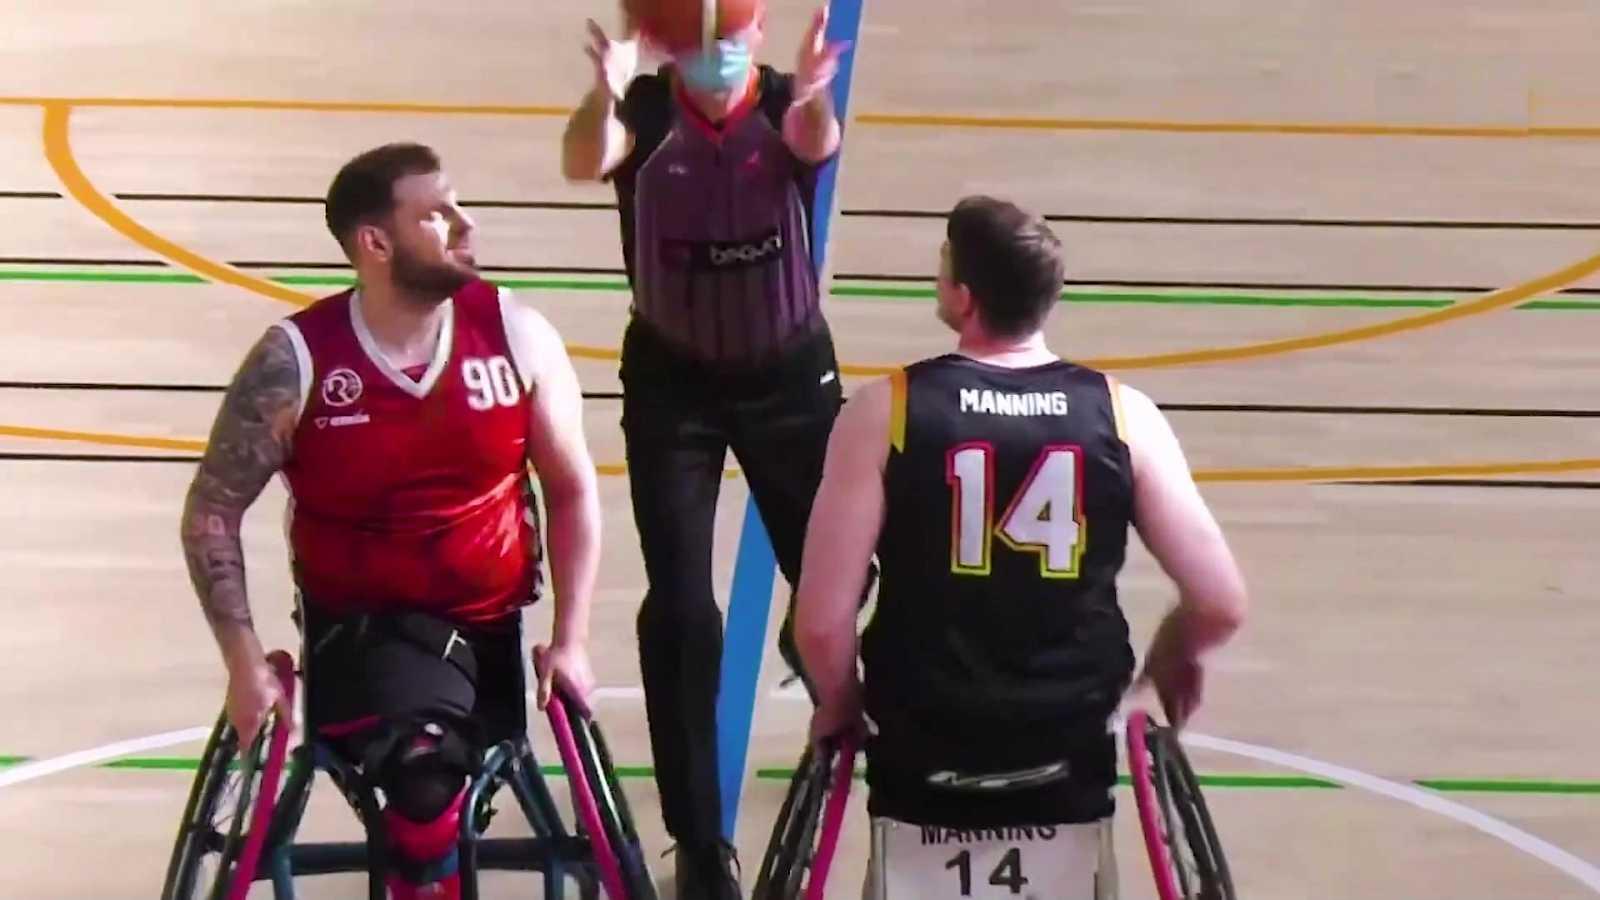 Baloncesto en silla de ruedas - Liga BSR División de honor. Resumen Jornada 13 - ver ahora